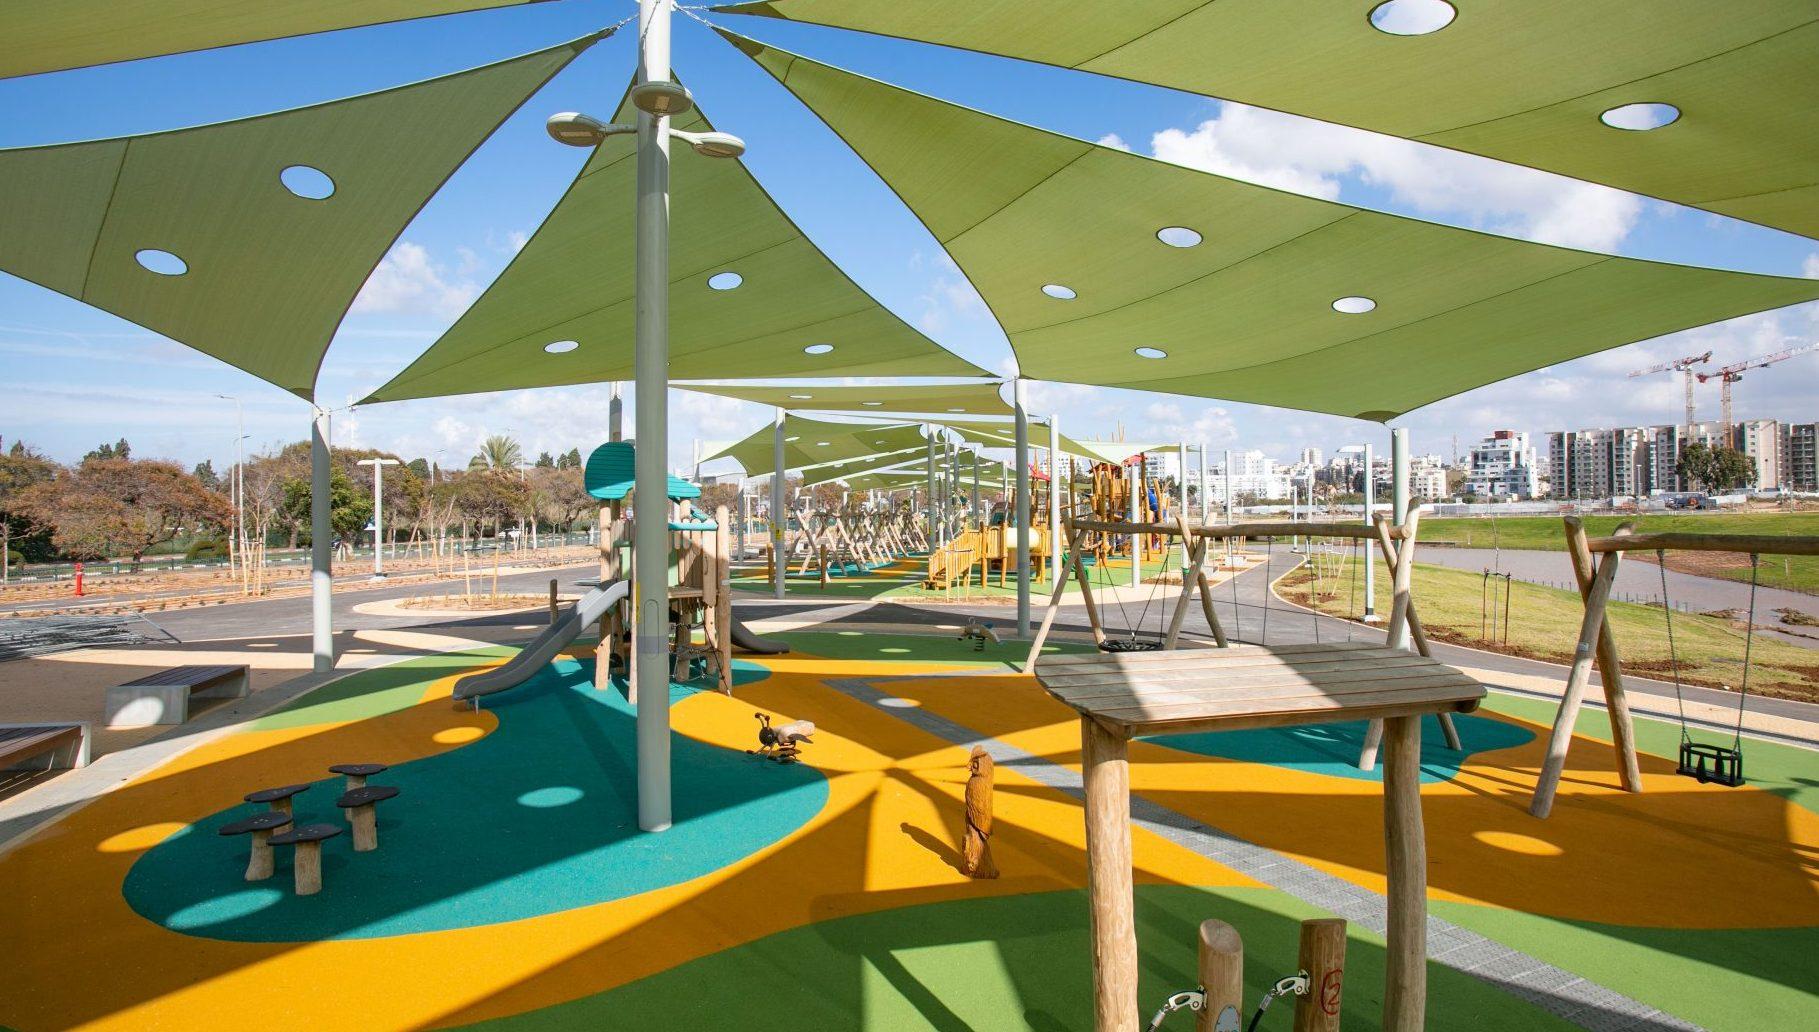 מתחם המשחקים החדש בפארק גליל ים. צילום עיריית הרצליה